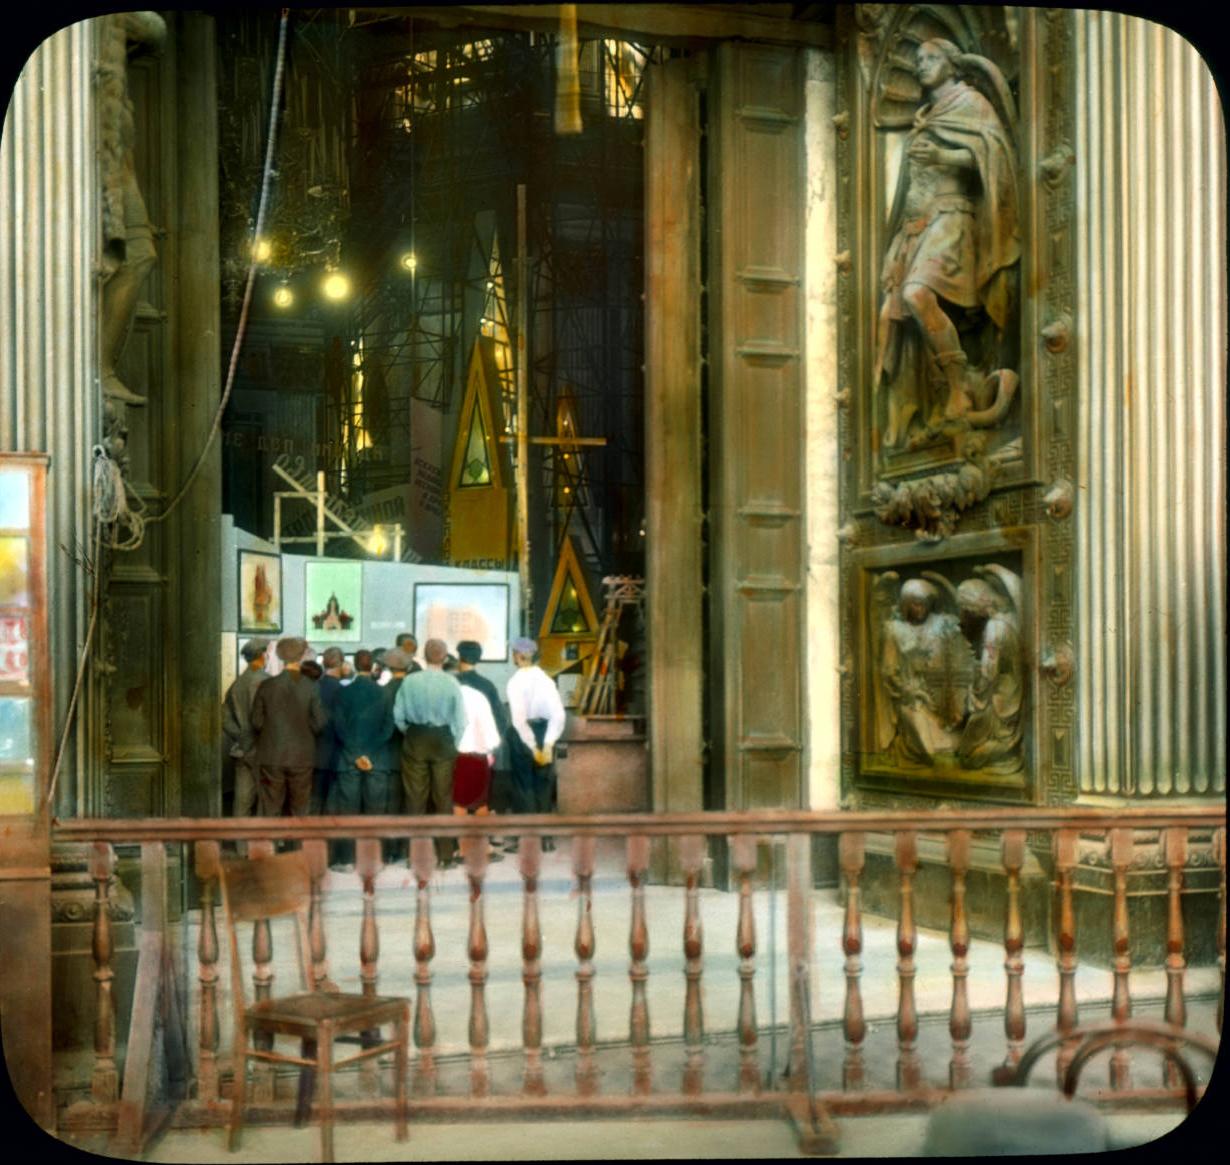 Санкт-Петербург. Исаакиевский собор, выступающей в качестве музея атеизма